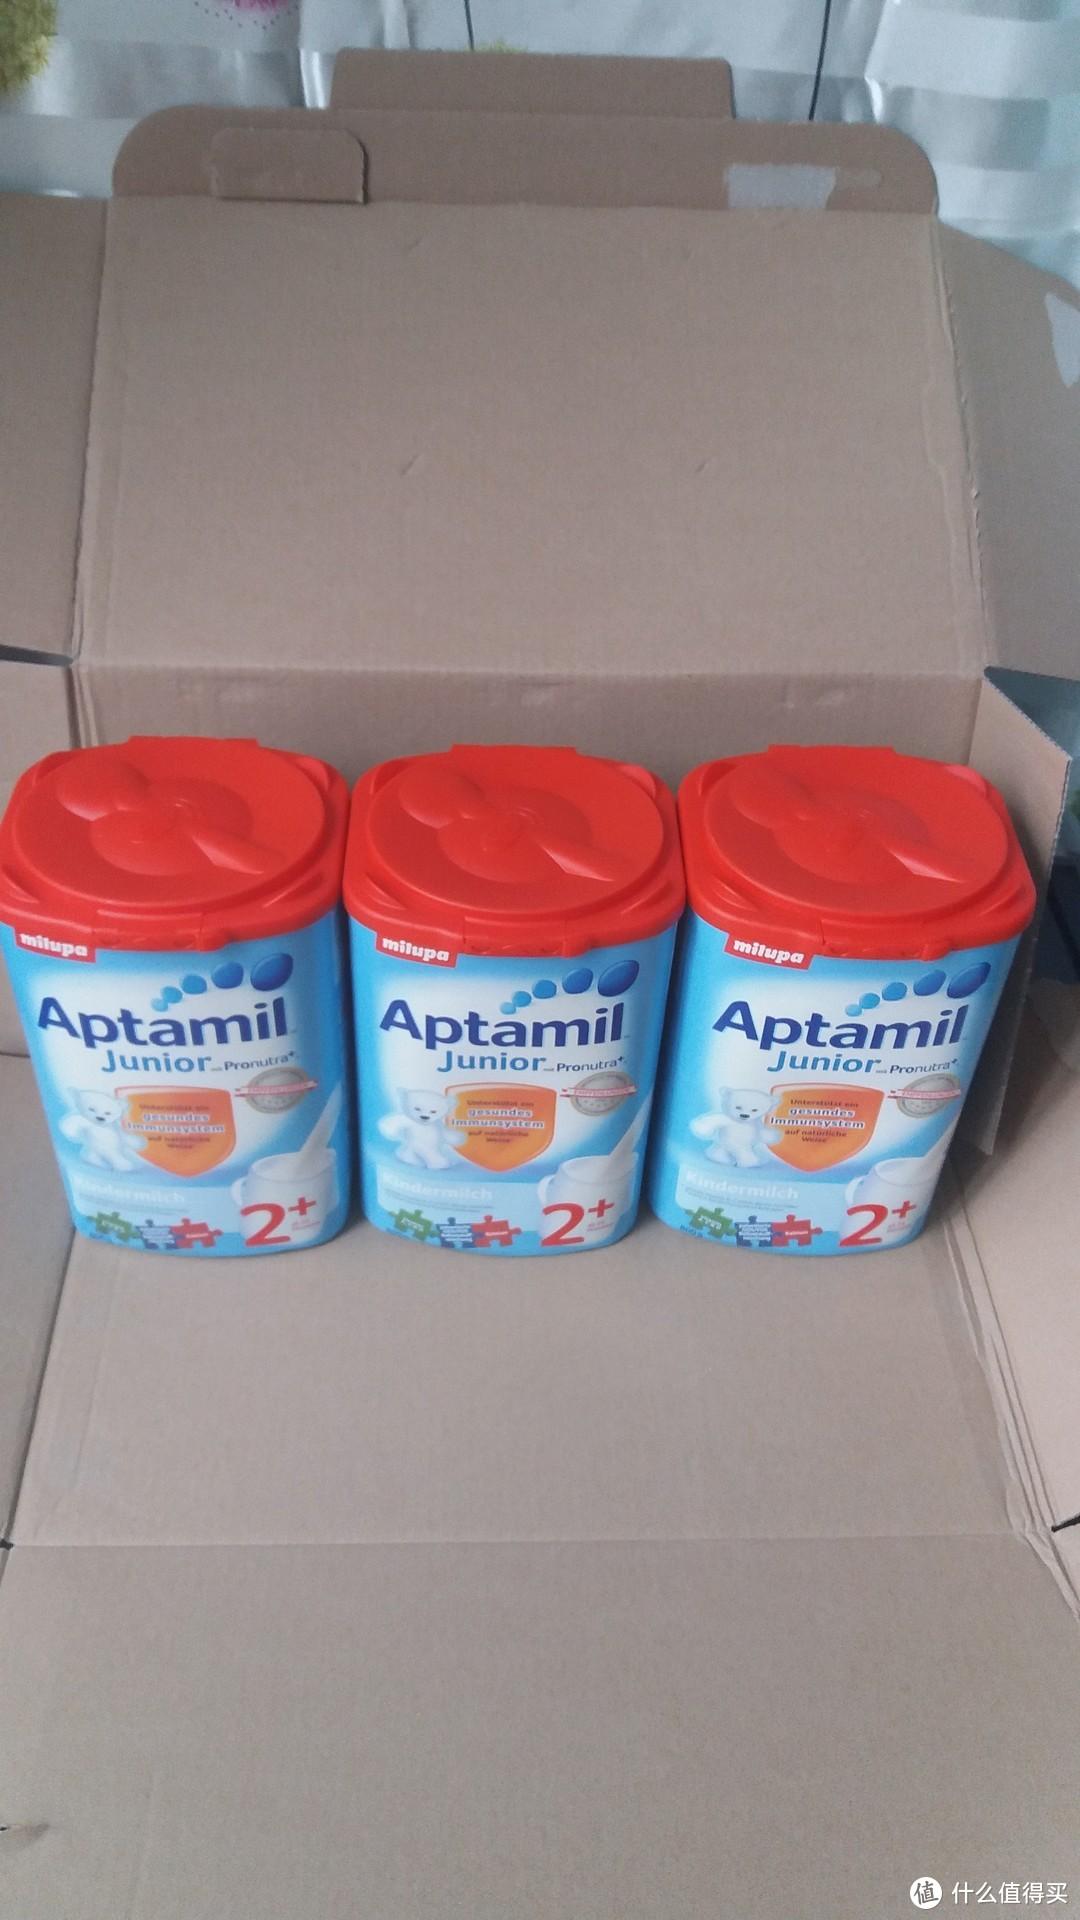 Aptamil 爱他美 奶粉(奥地利版2+) 开箱简评